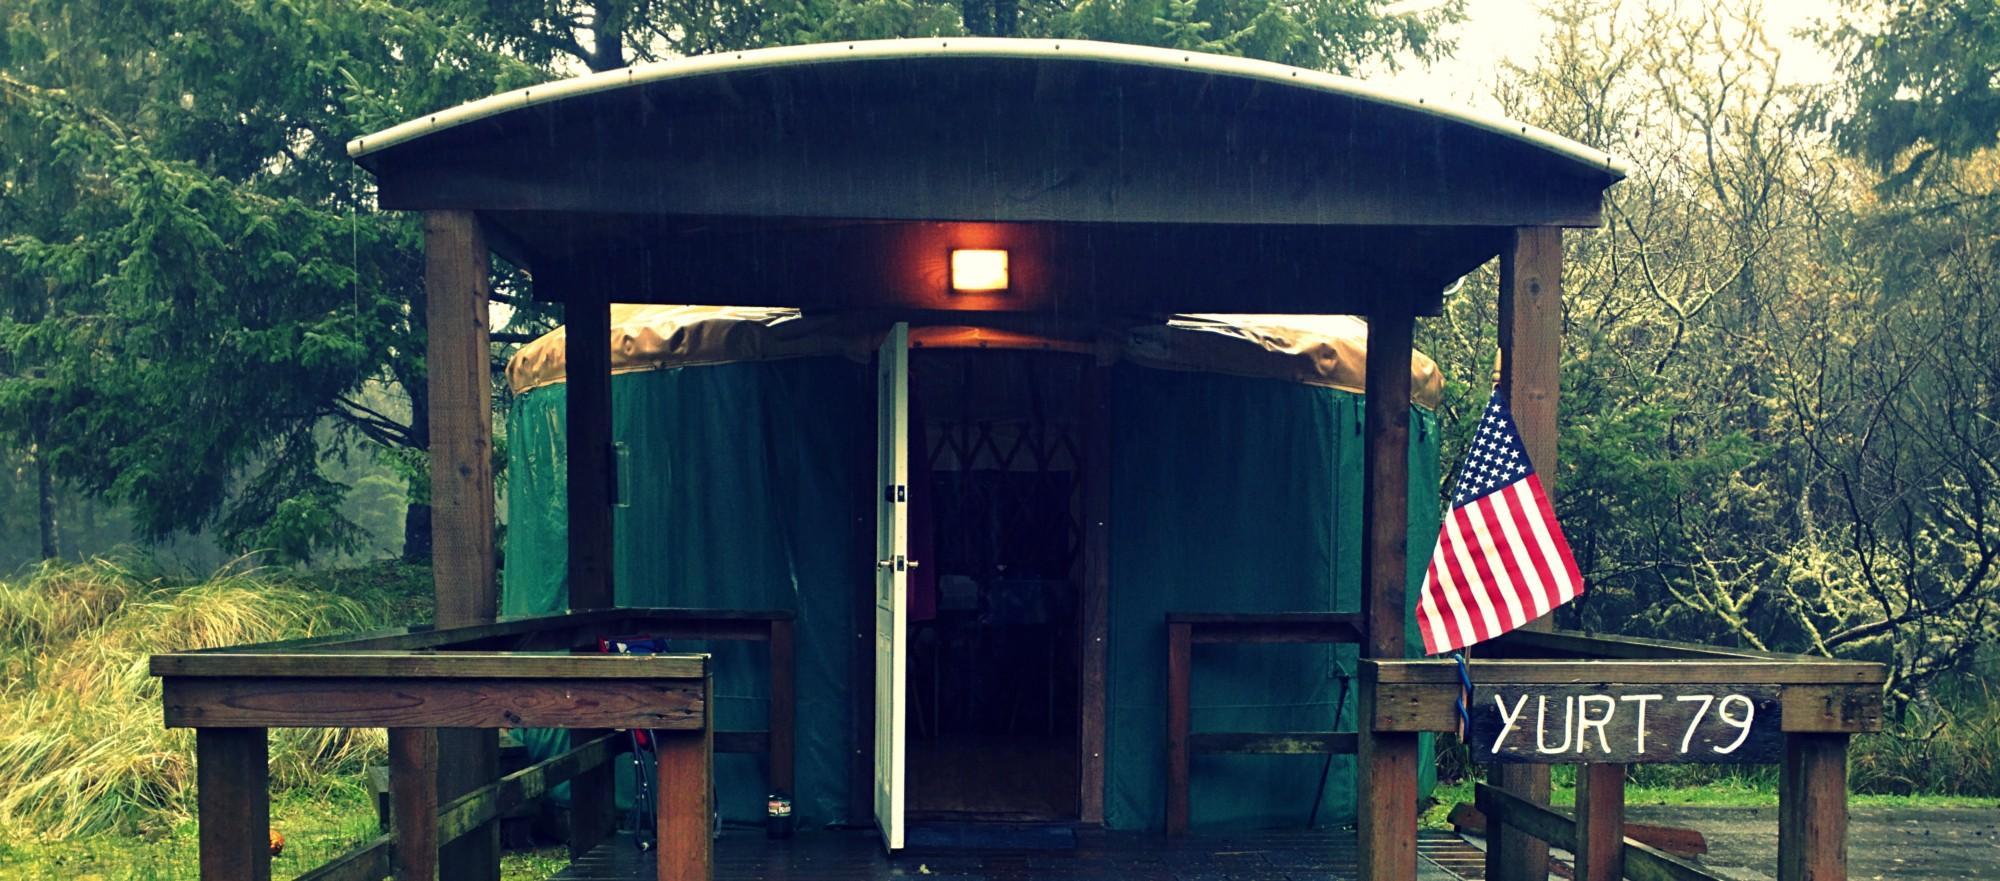 Yurt 79